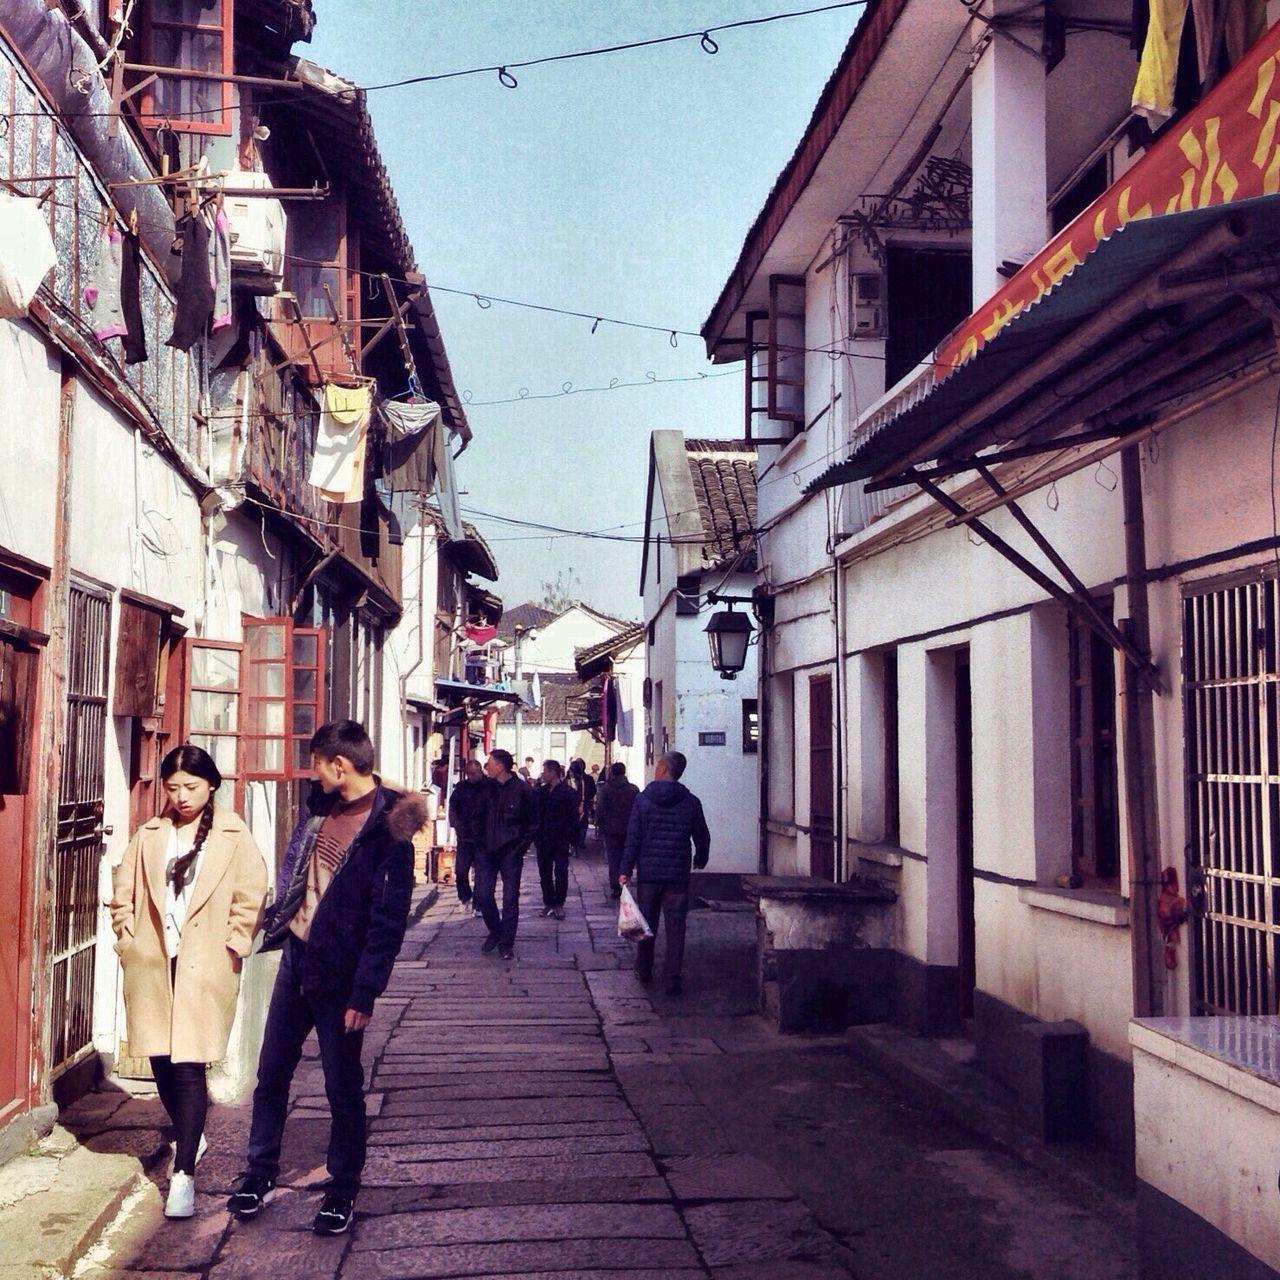 Street Streetphotography Street Photography Streetphoto_color Zhujiajiao Shanghai China